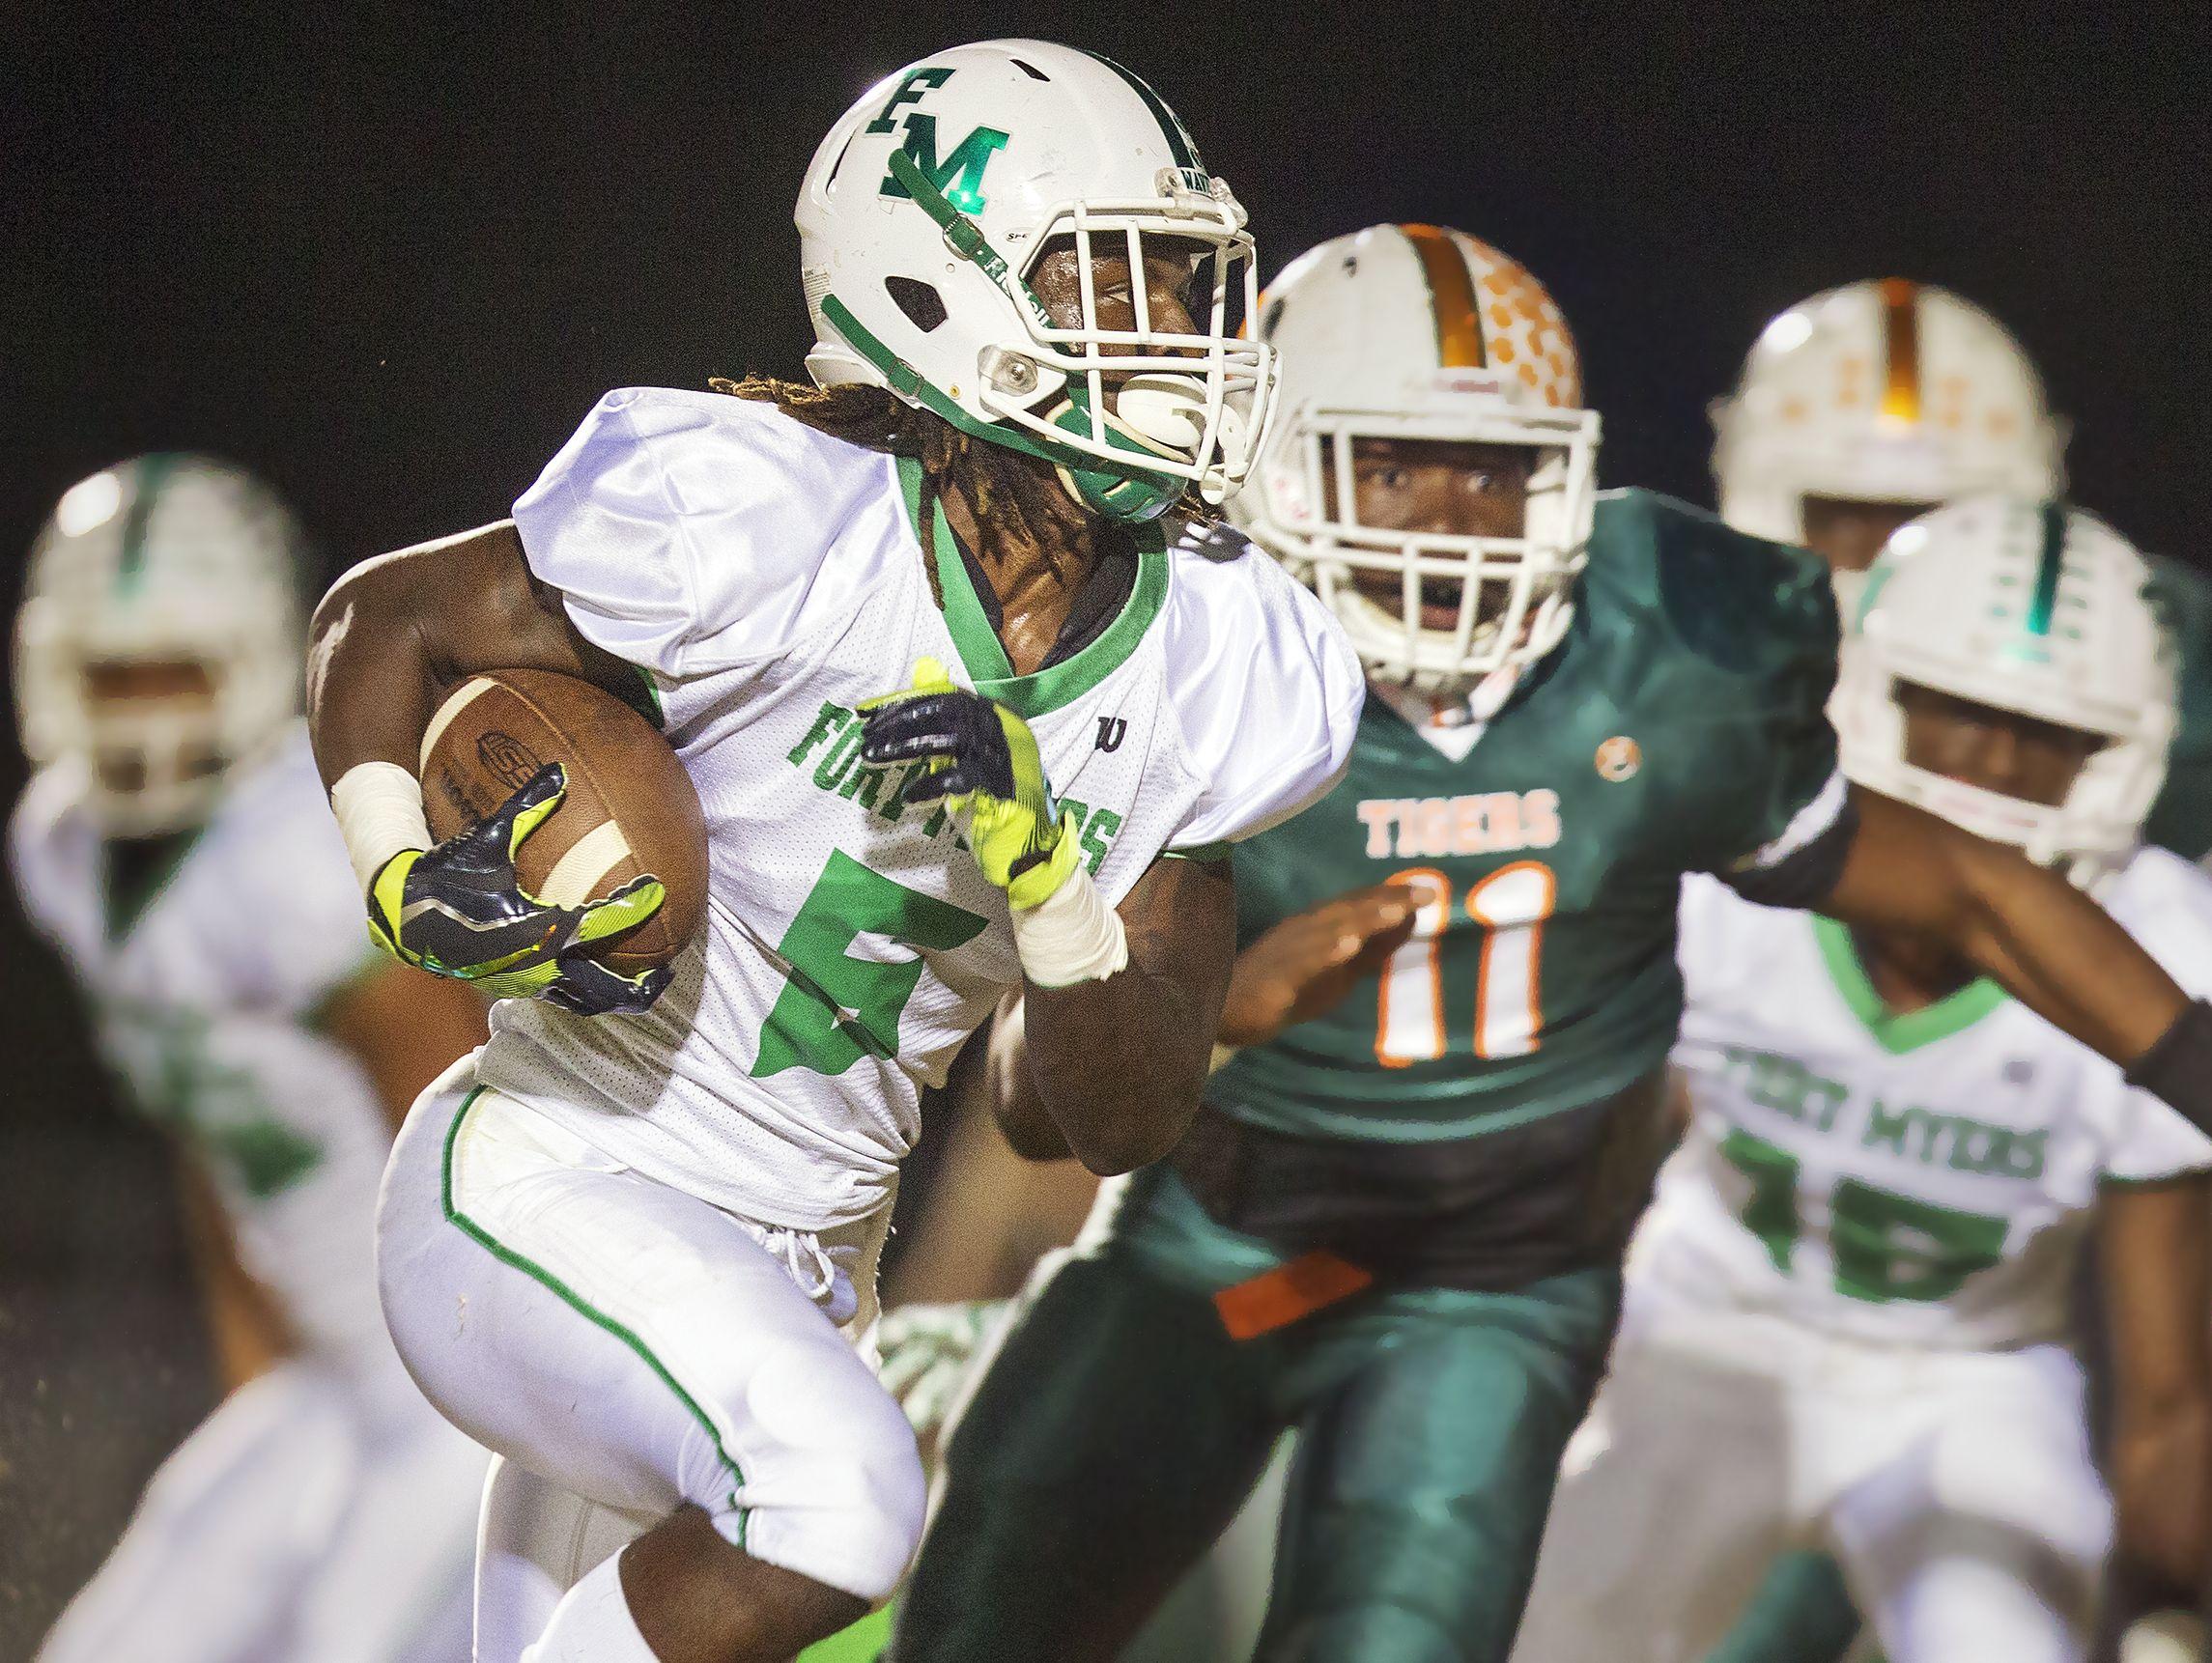 Fort Myers High School's Darrian Felix scores a touchdown against Dunbar during first quarter play Friday at Dunbar High School in Fort Myers.